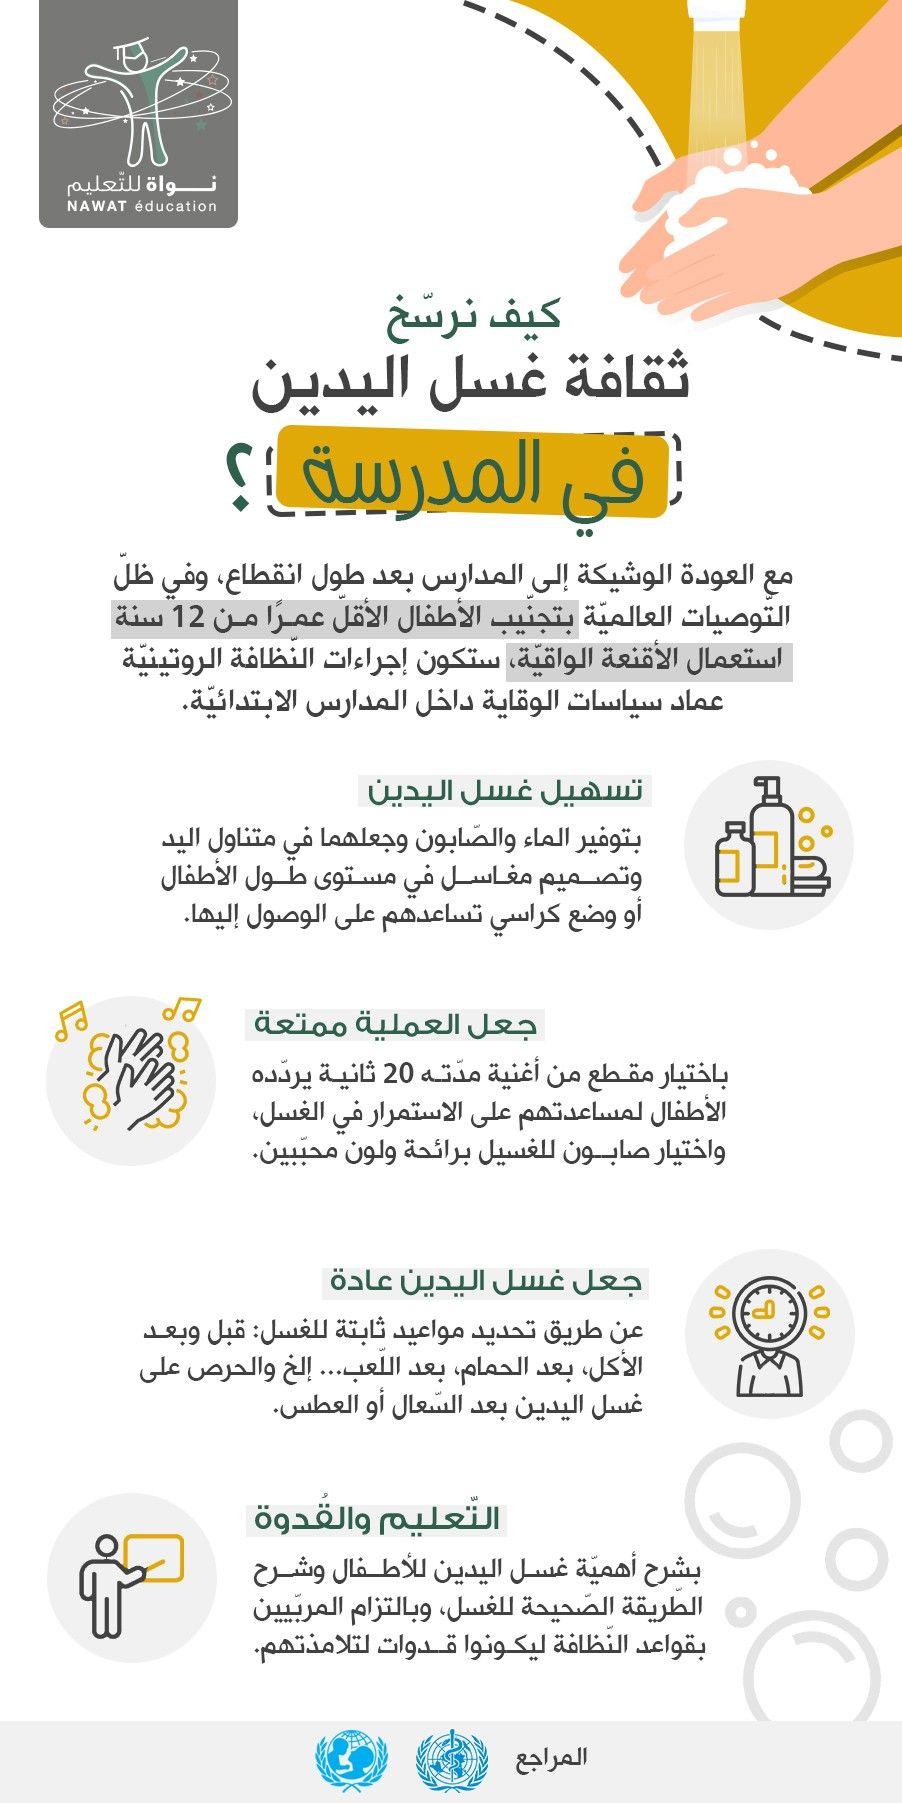 غسل اليدين البروتوكول الصحي في المدرسة Education Post